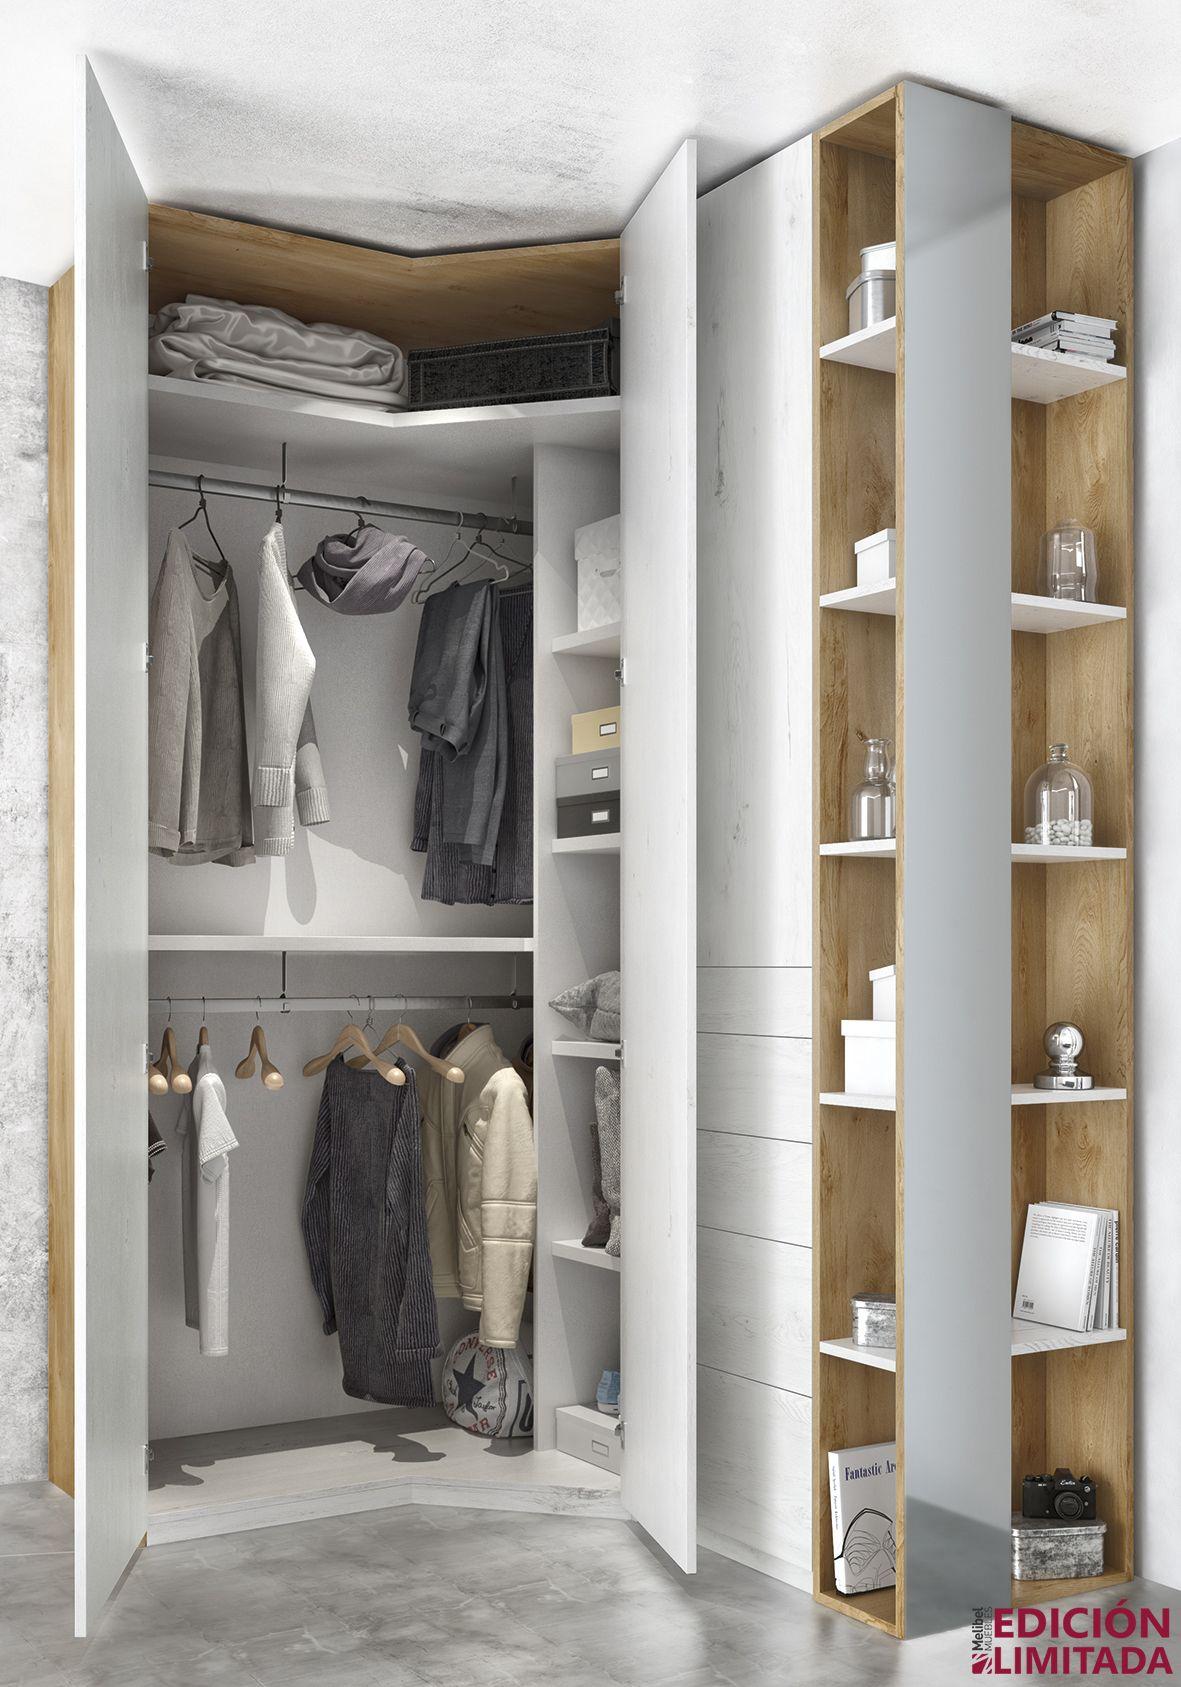 Distribuci n interior del armario rinc n chafl n dormitorio de matrimonio dormitorio moderno - Muebles el chaflan ...